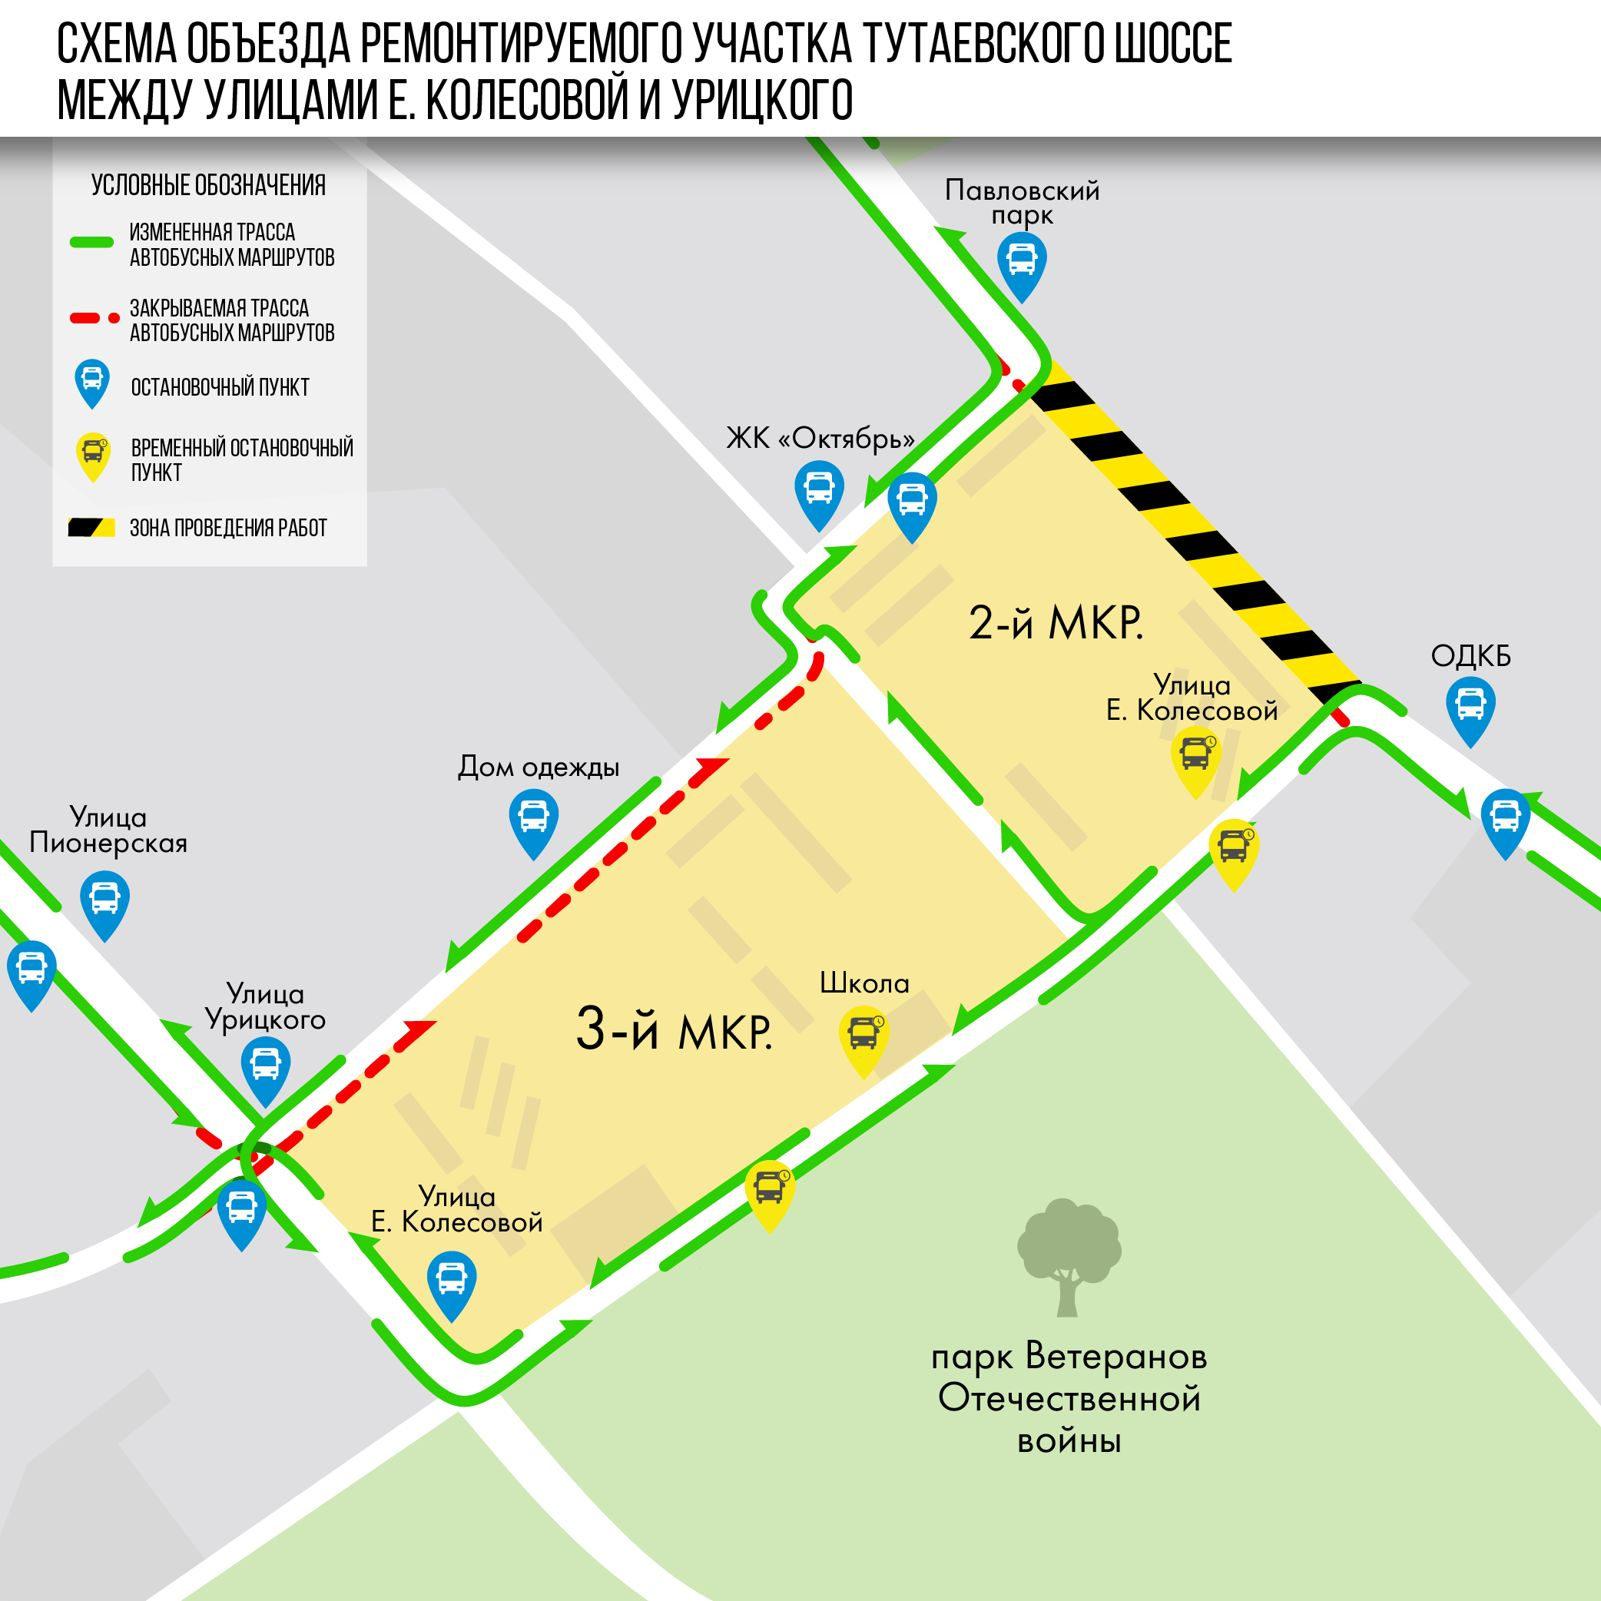 В Ярославле перекроют Тутаевское шоссе: опубликована полная схема объезда